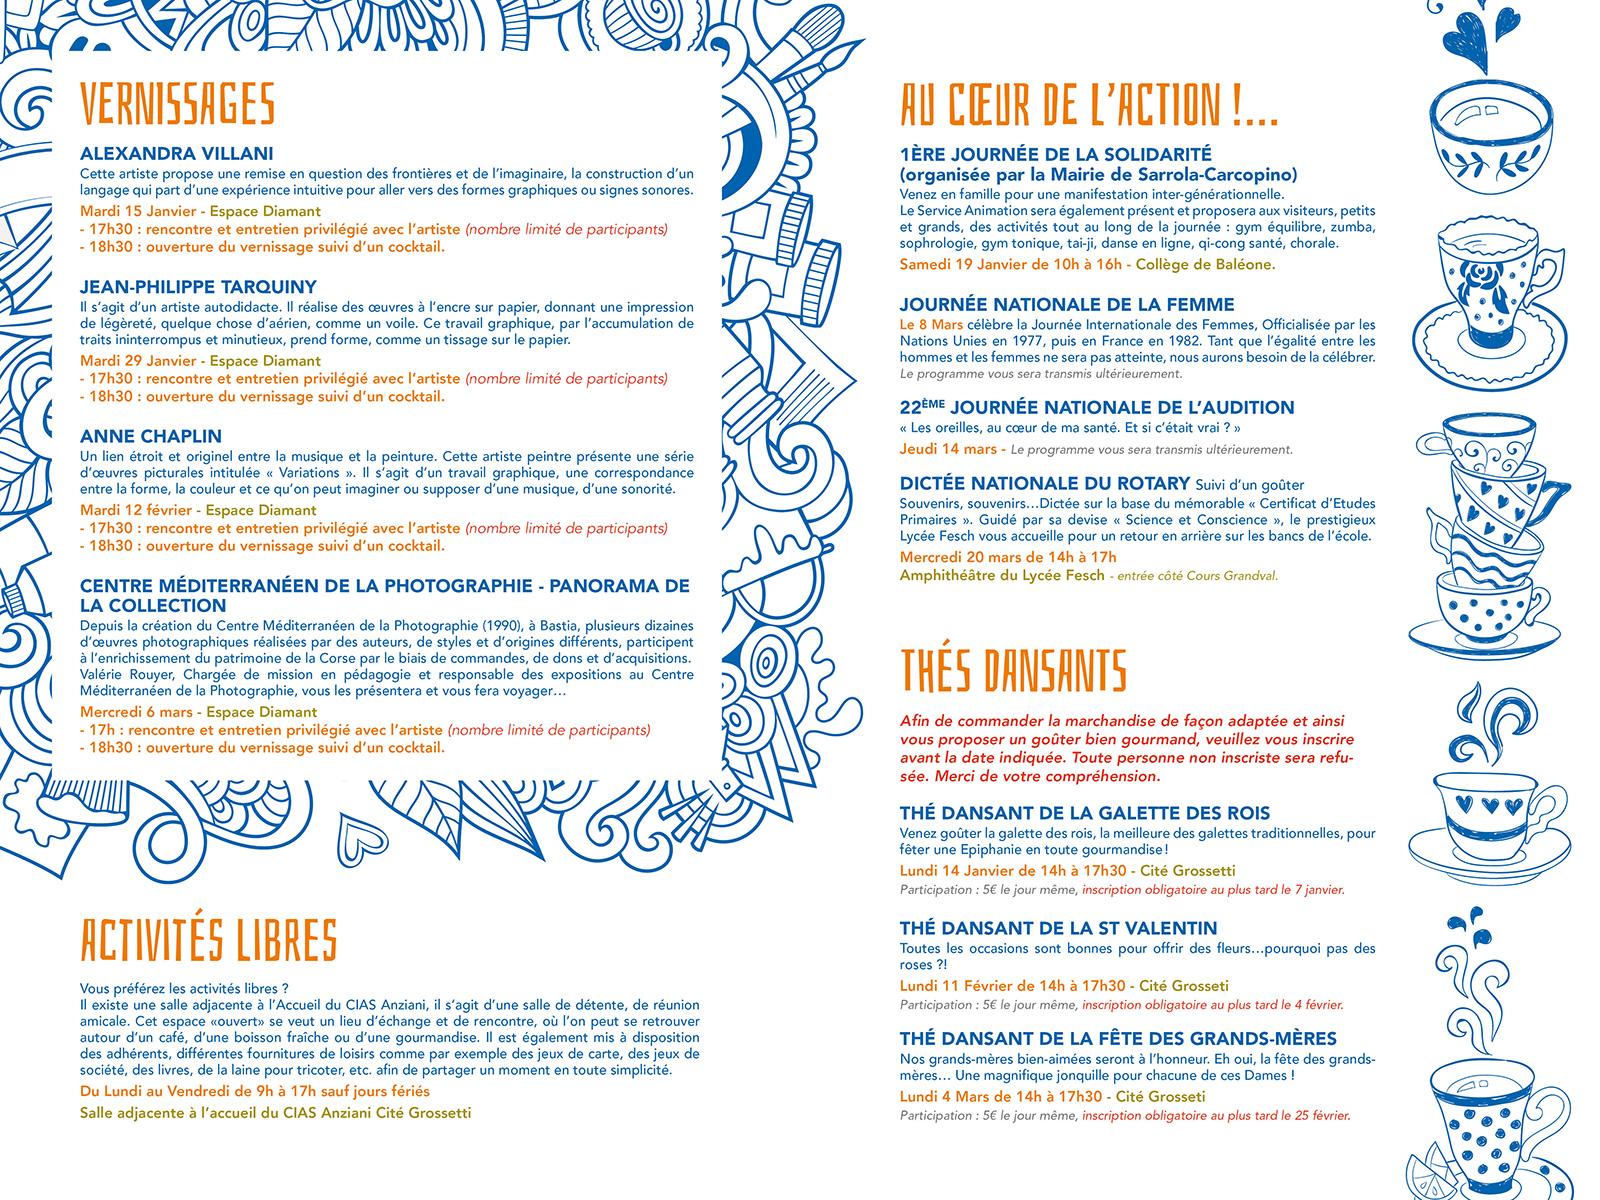 Pages centrales du programme trimestriel du CIAS anziani hiver 2019